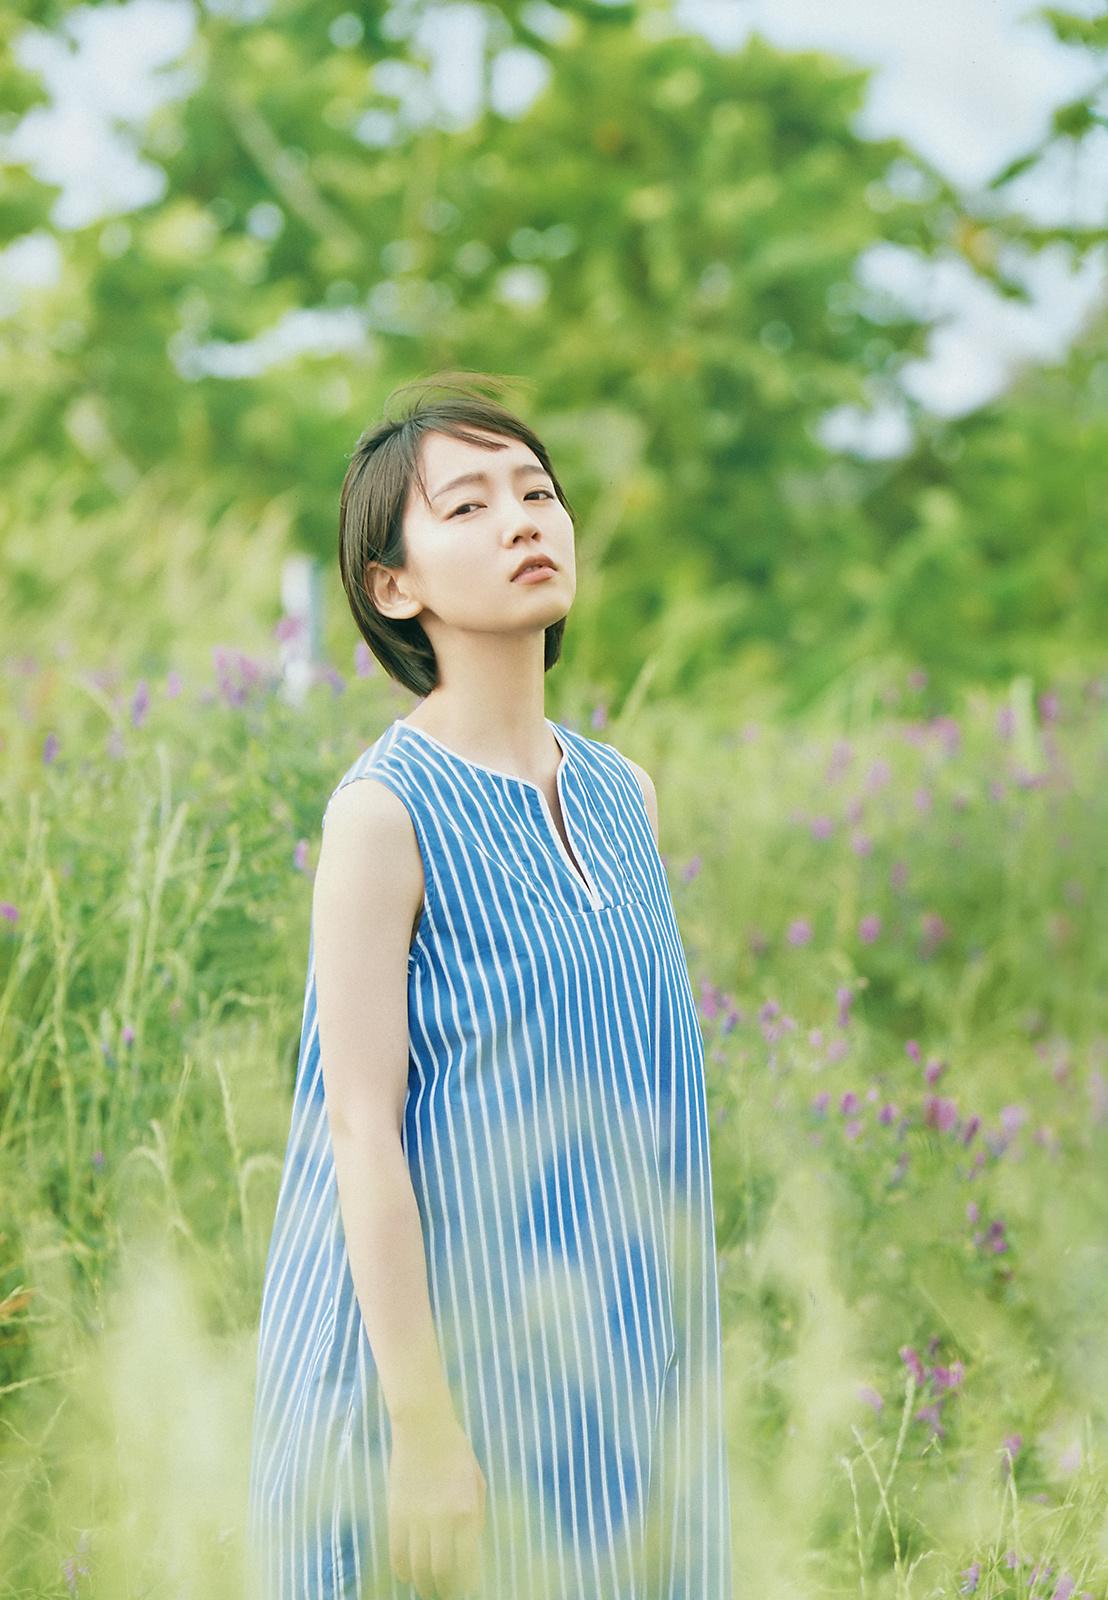 写真女优出身的吉冈里帆每次上映新电影都会拍摄写真作品堆人气 (74)